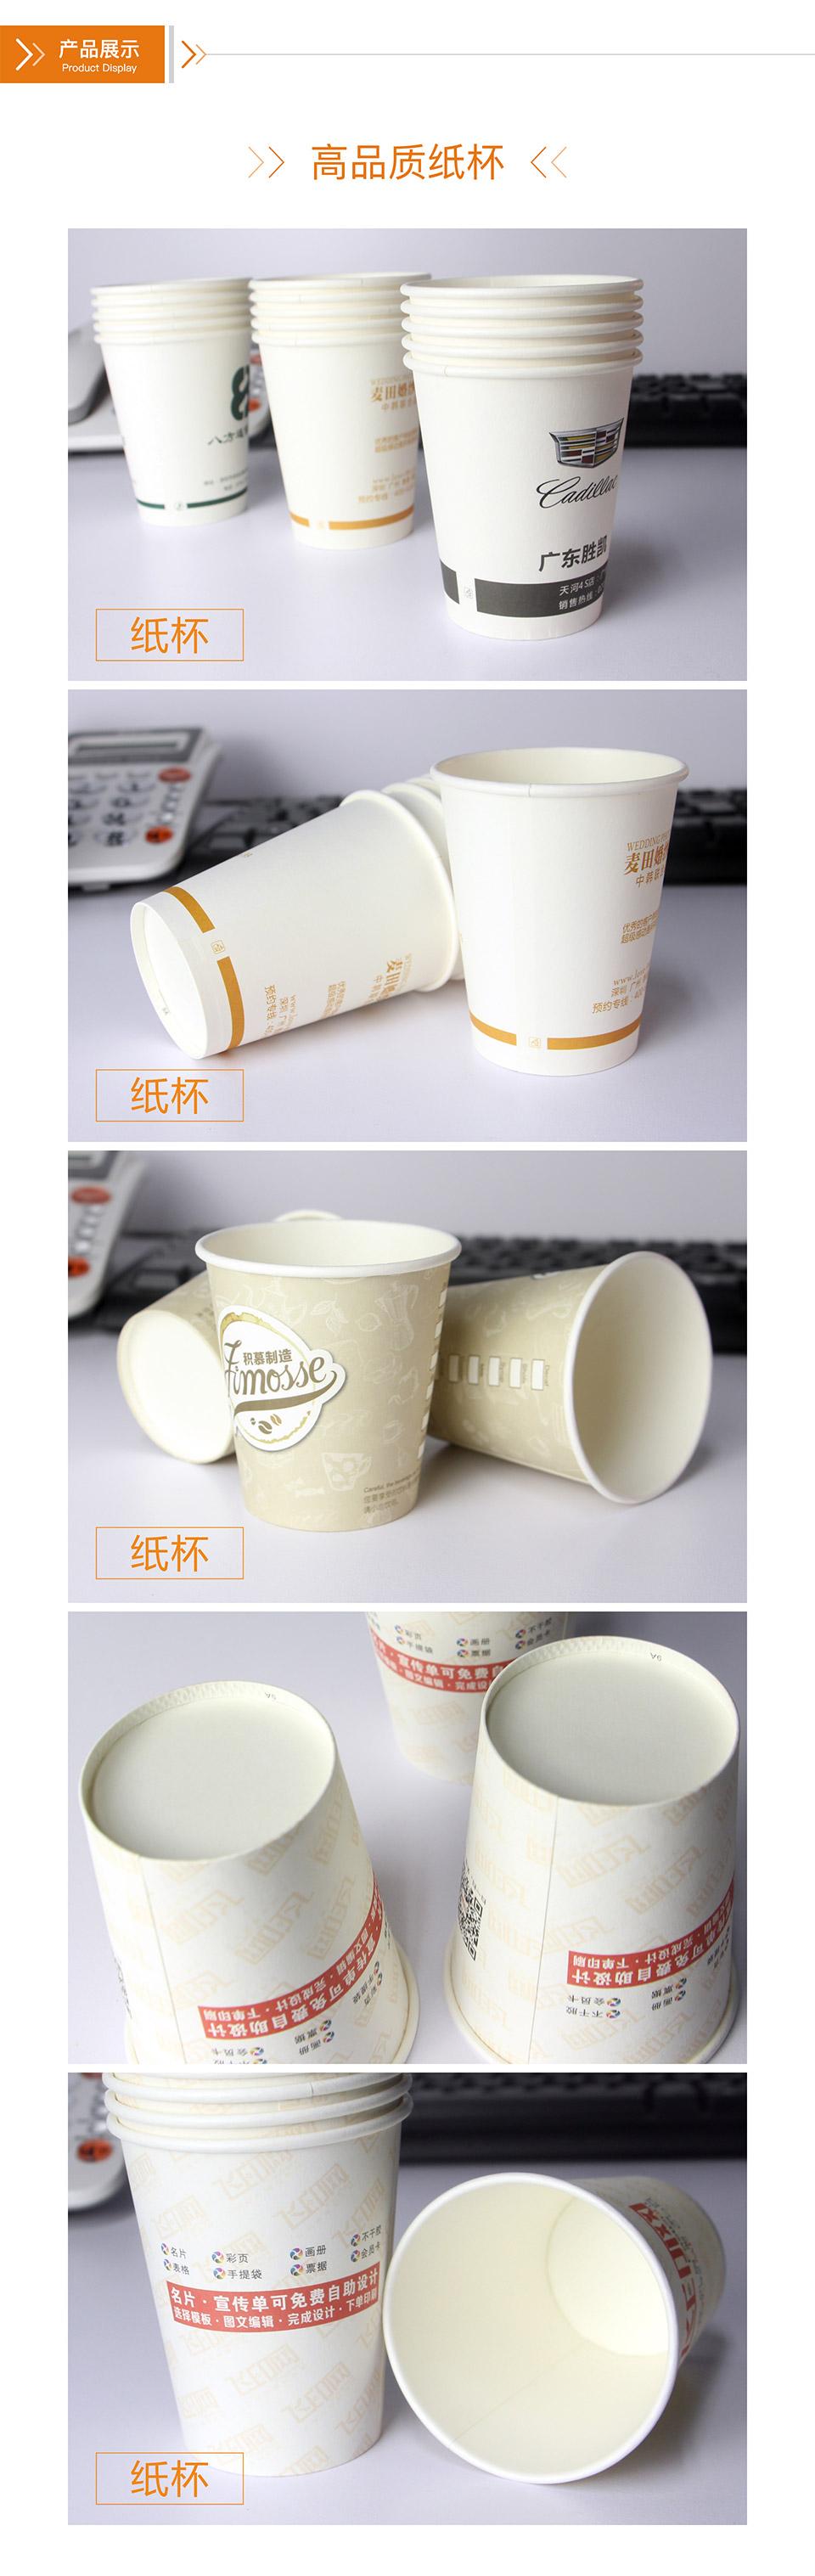 定做紙杯產品詳情